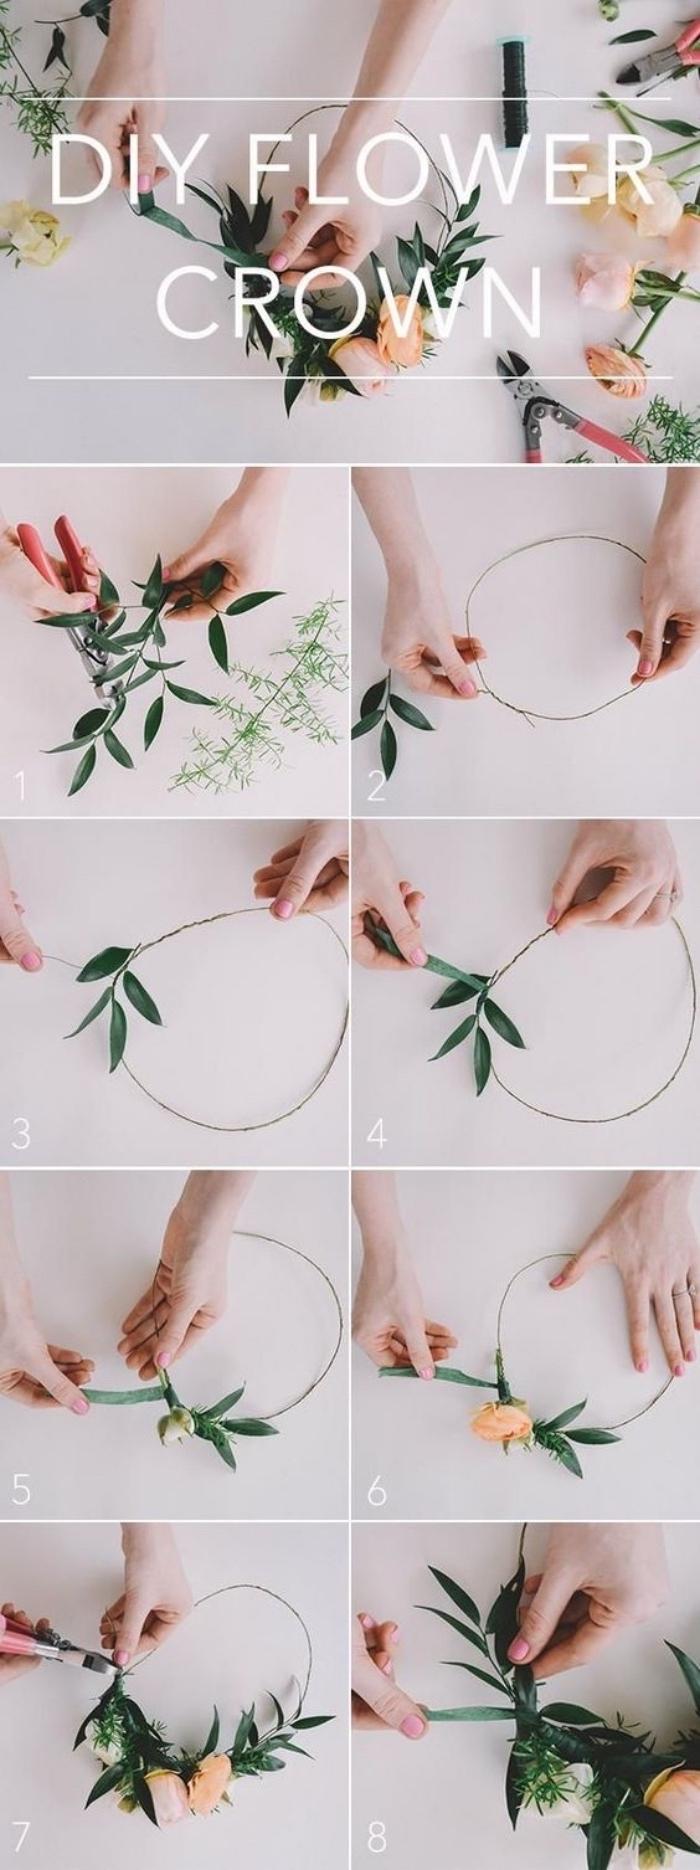 idée de projet de bricolage pour fabriquer une couronne de branches verdie et de fleurs, activite manuelle été